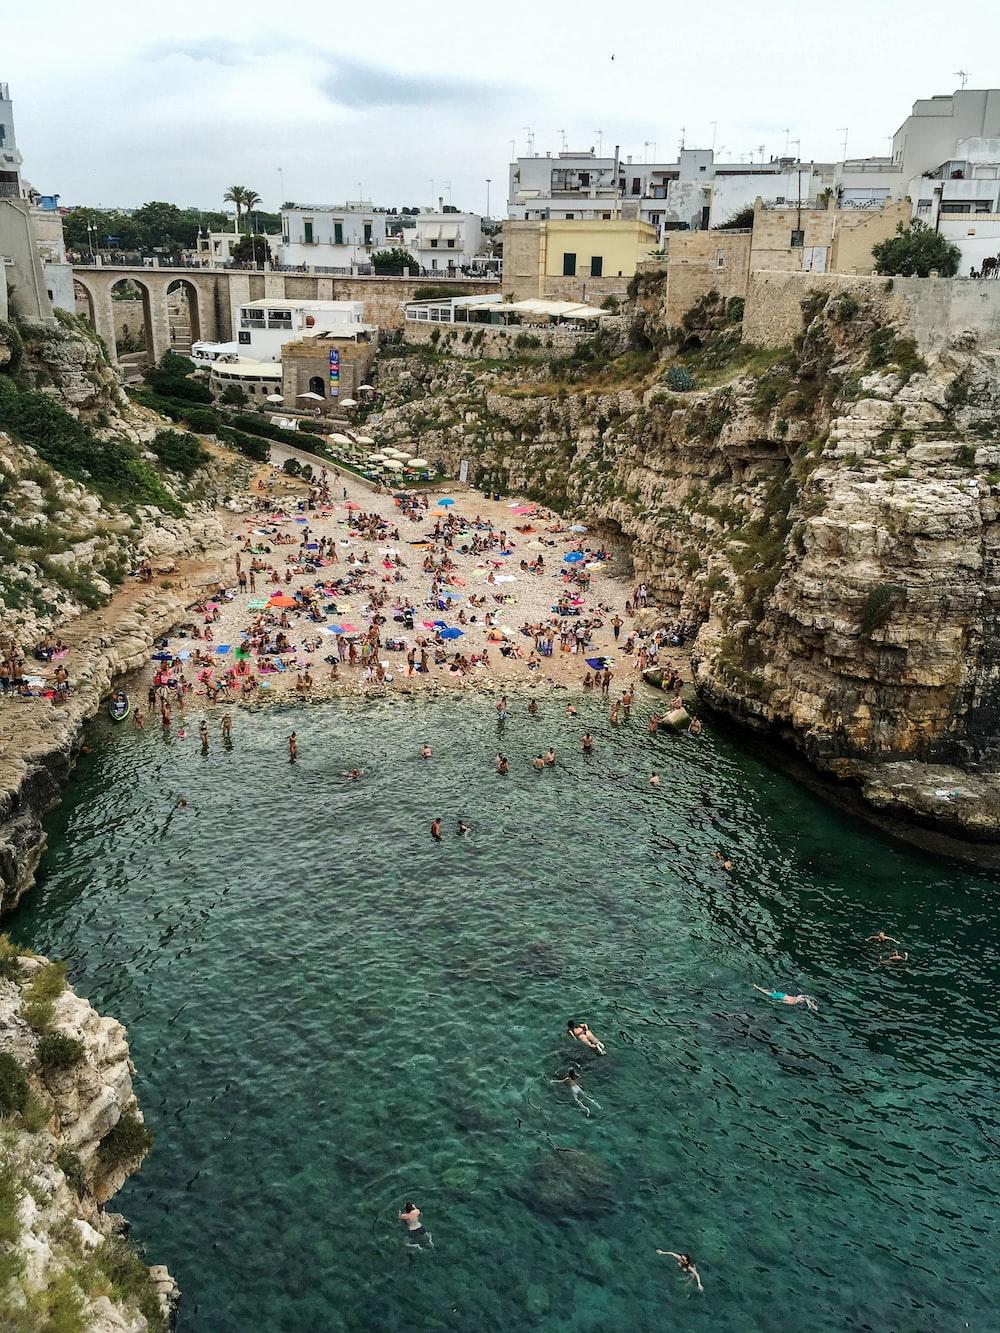 people in seashore near rocks